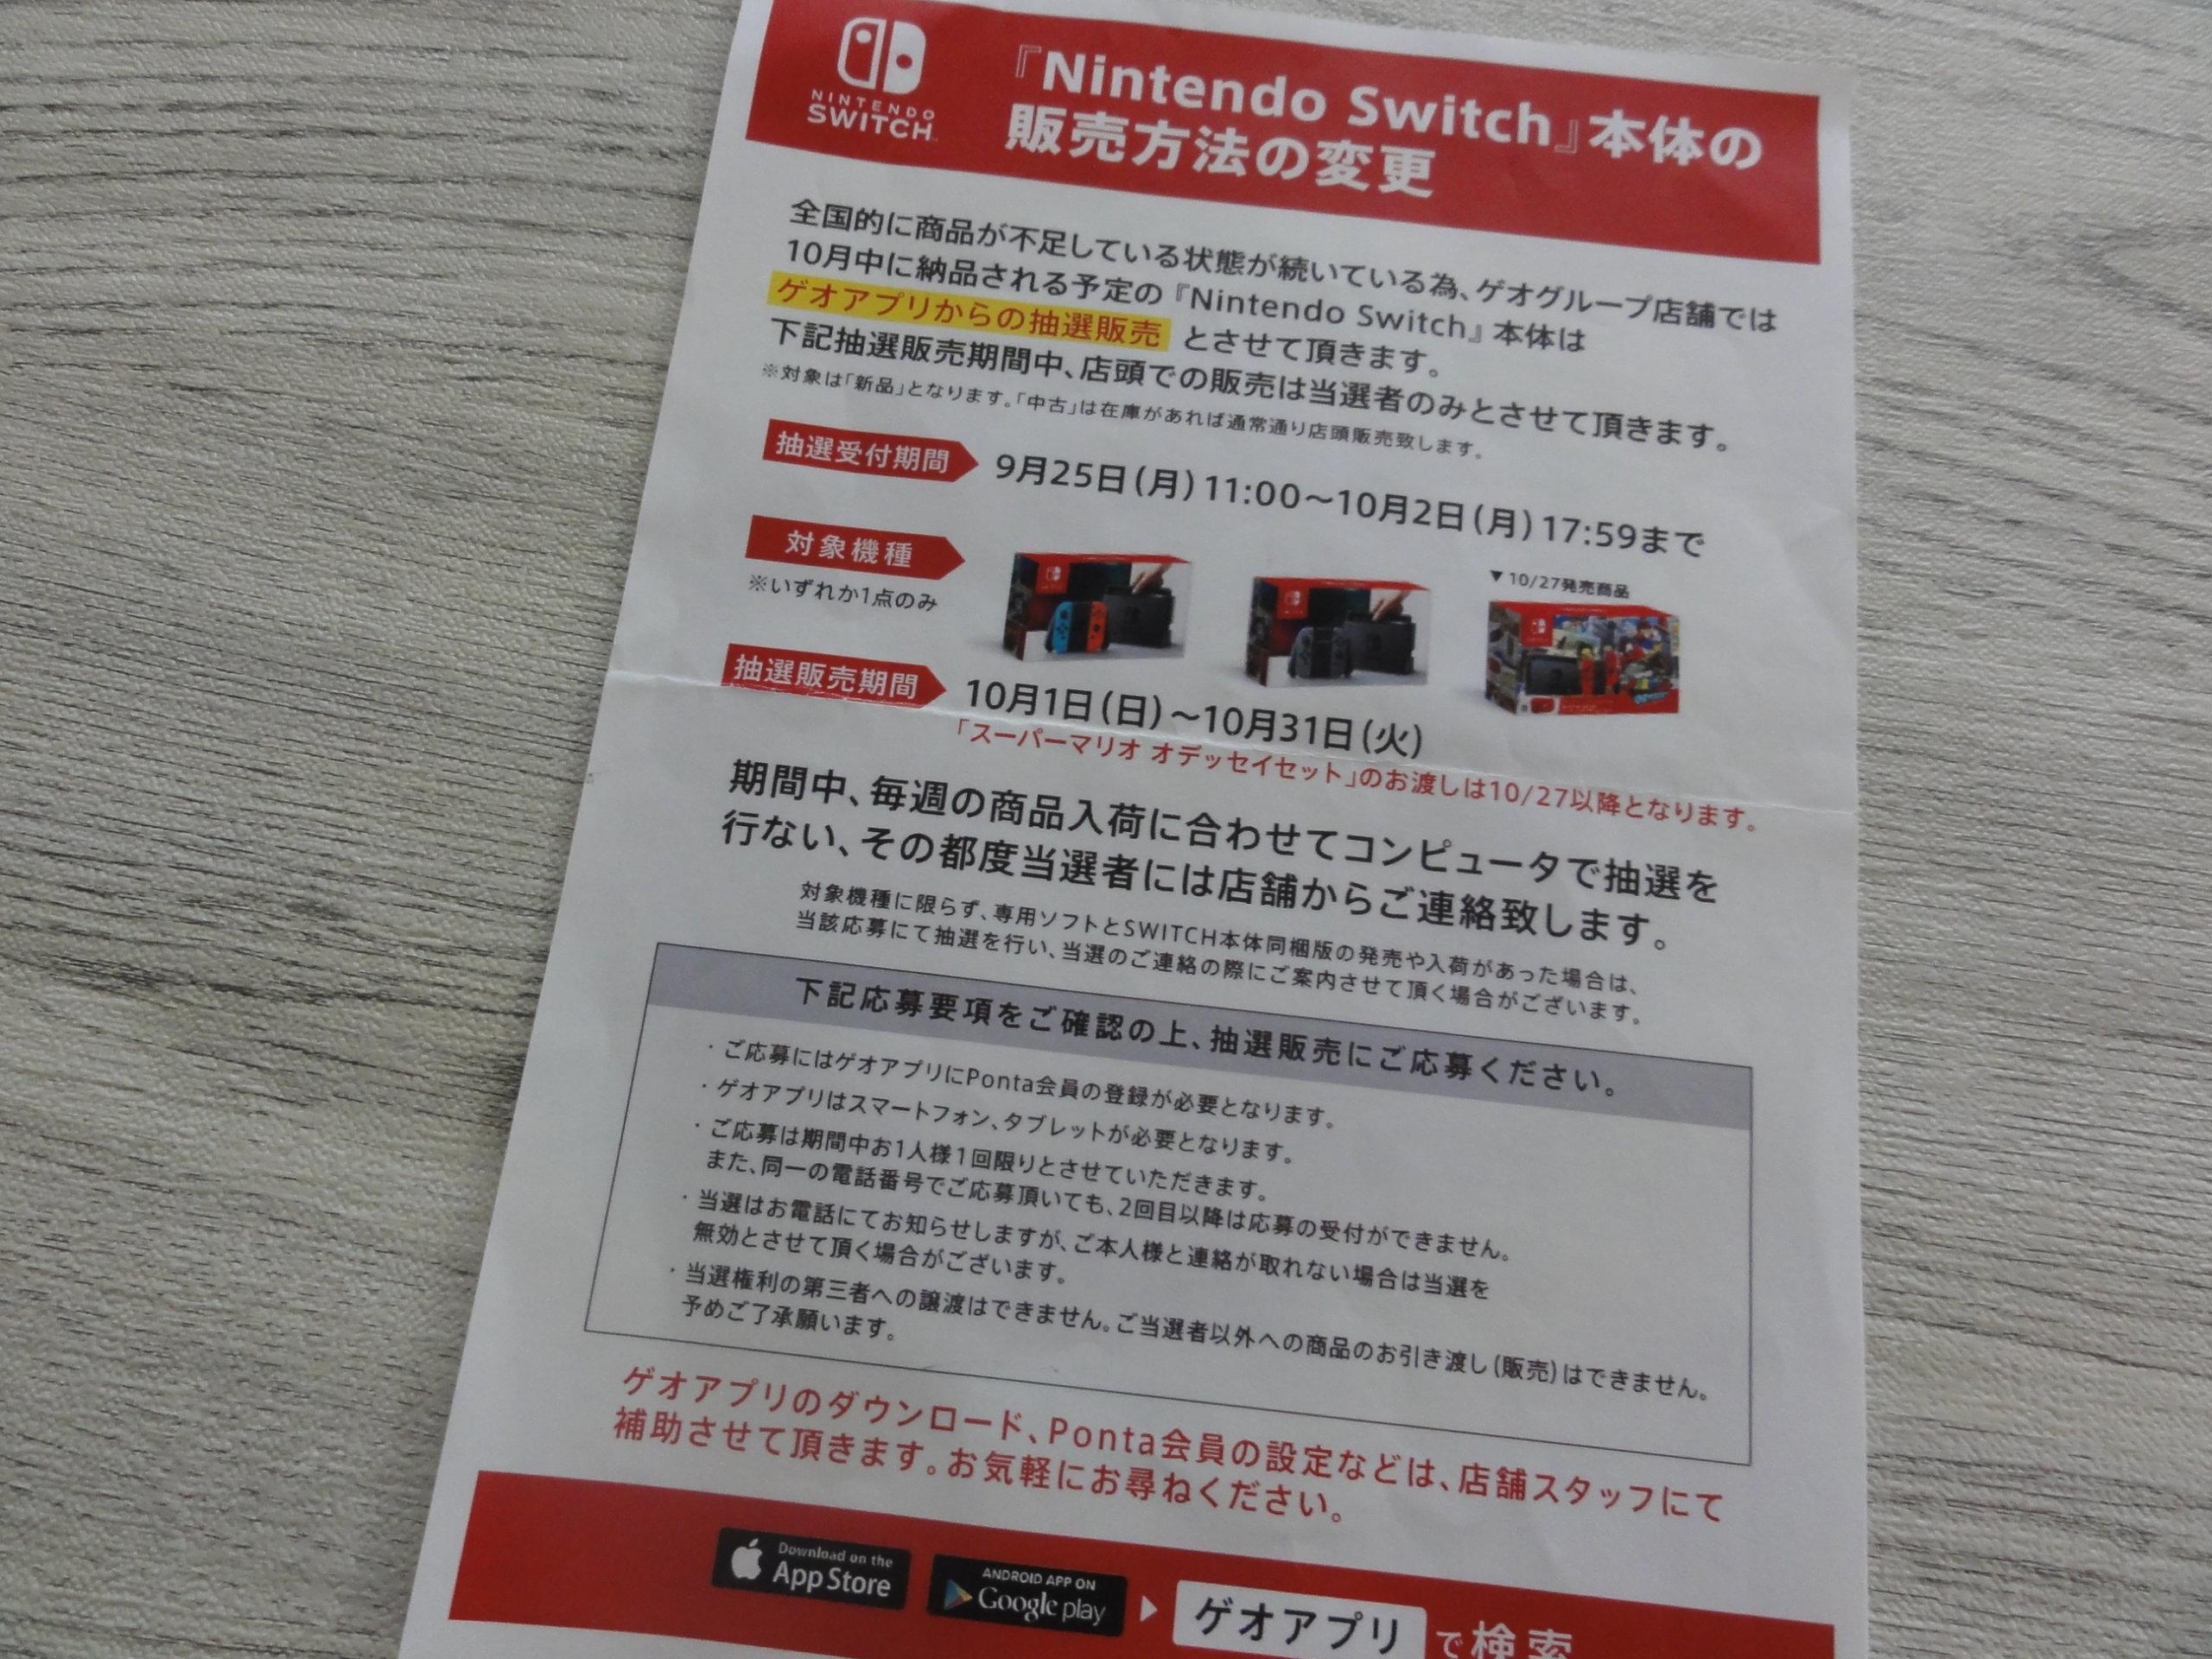 【朗報】私氏、ニンテンドーSwitchの抽選に当選する!!!